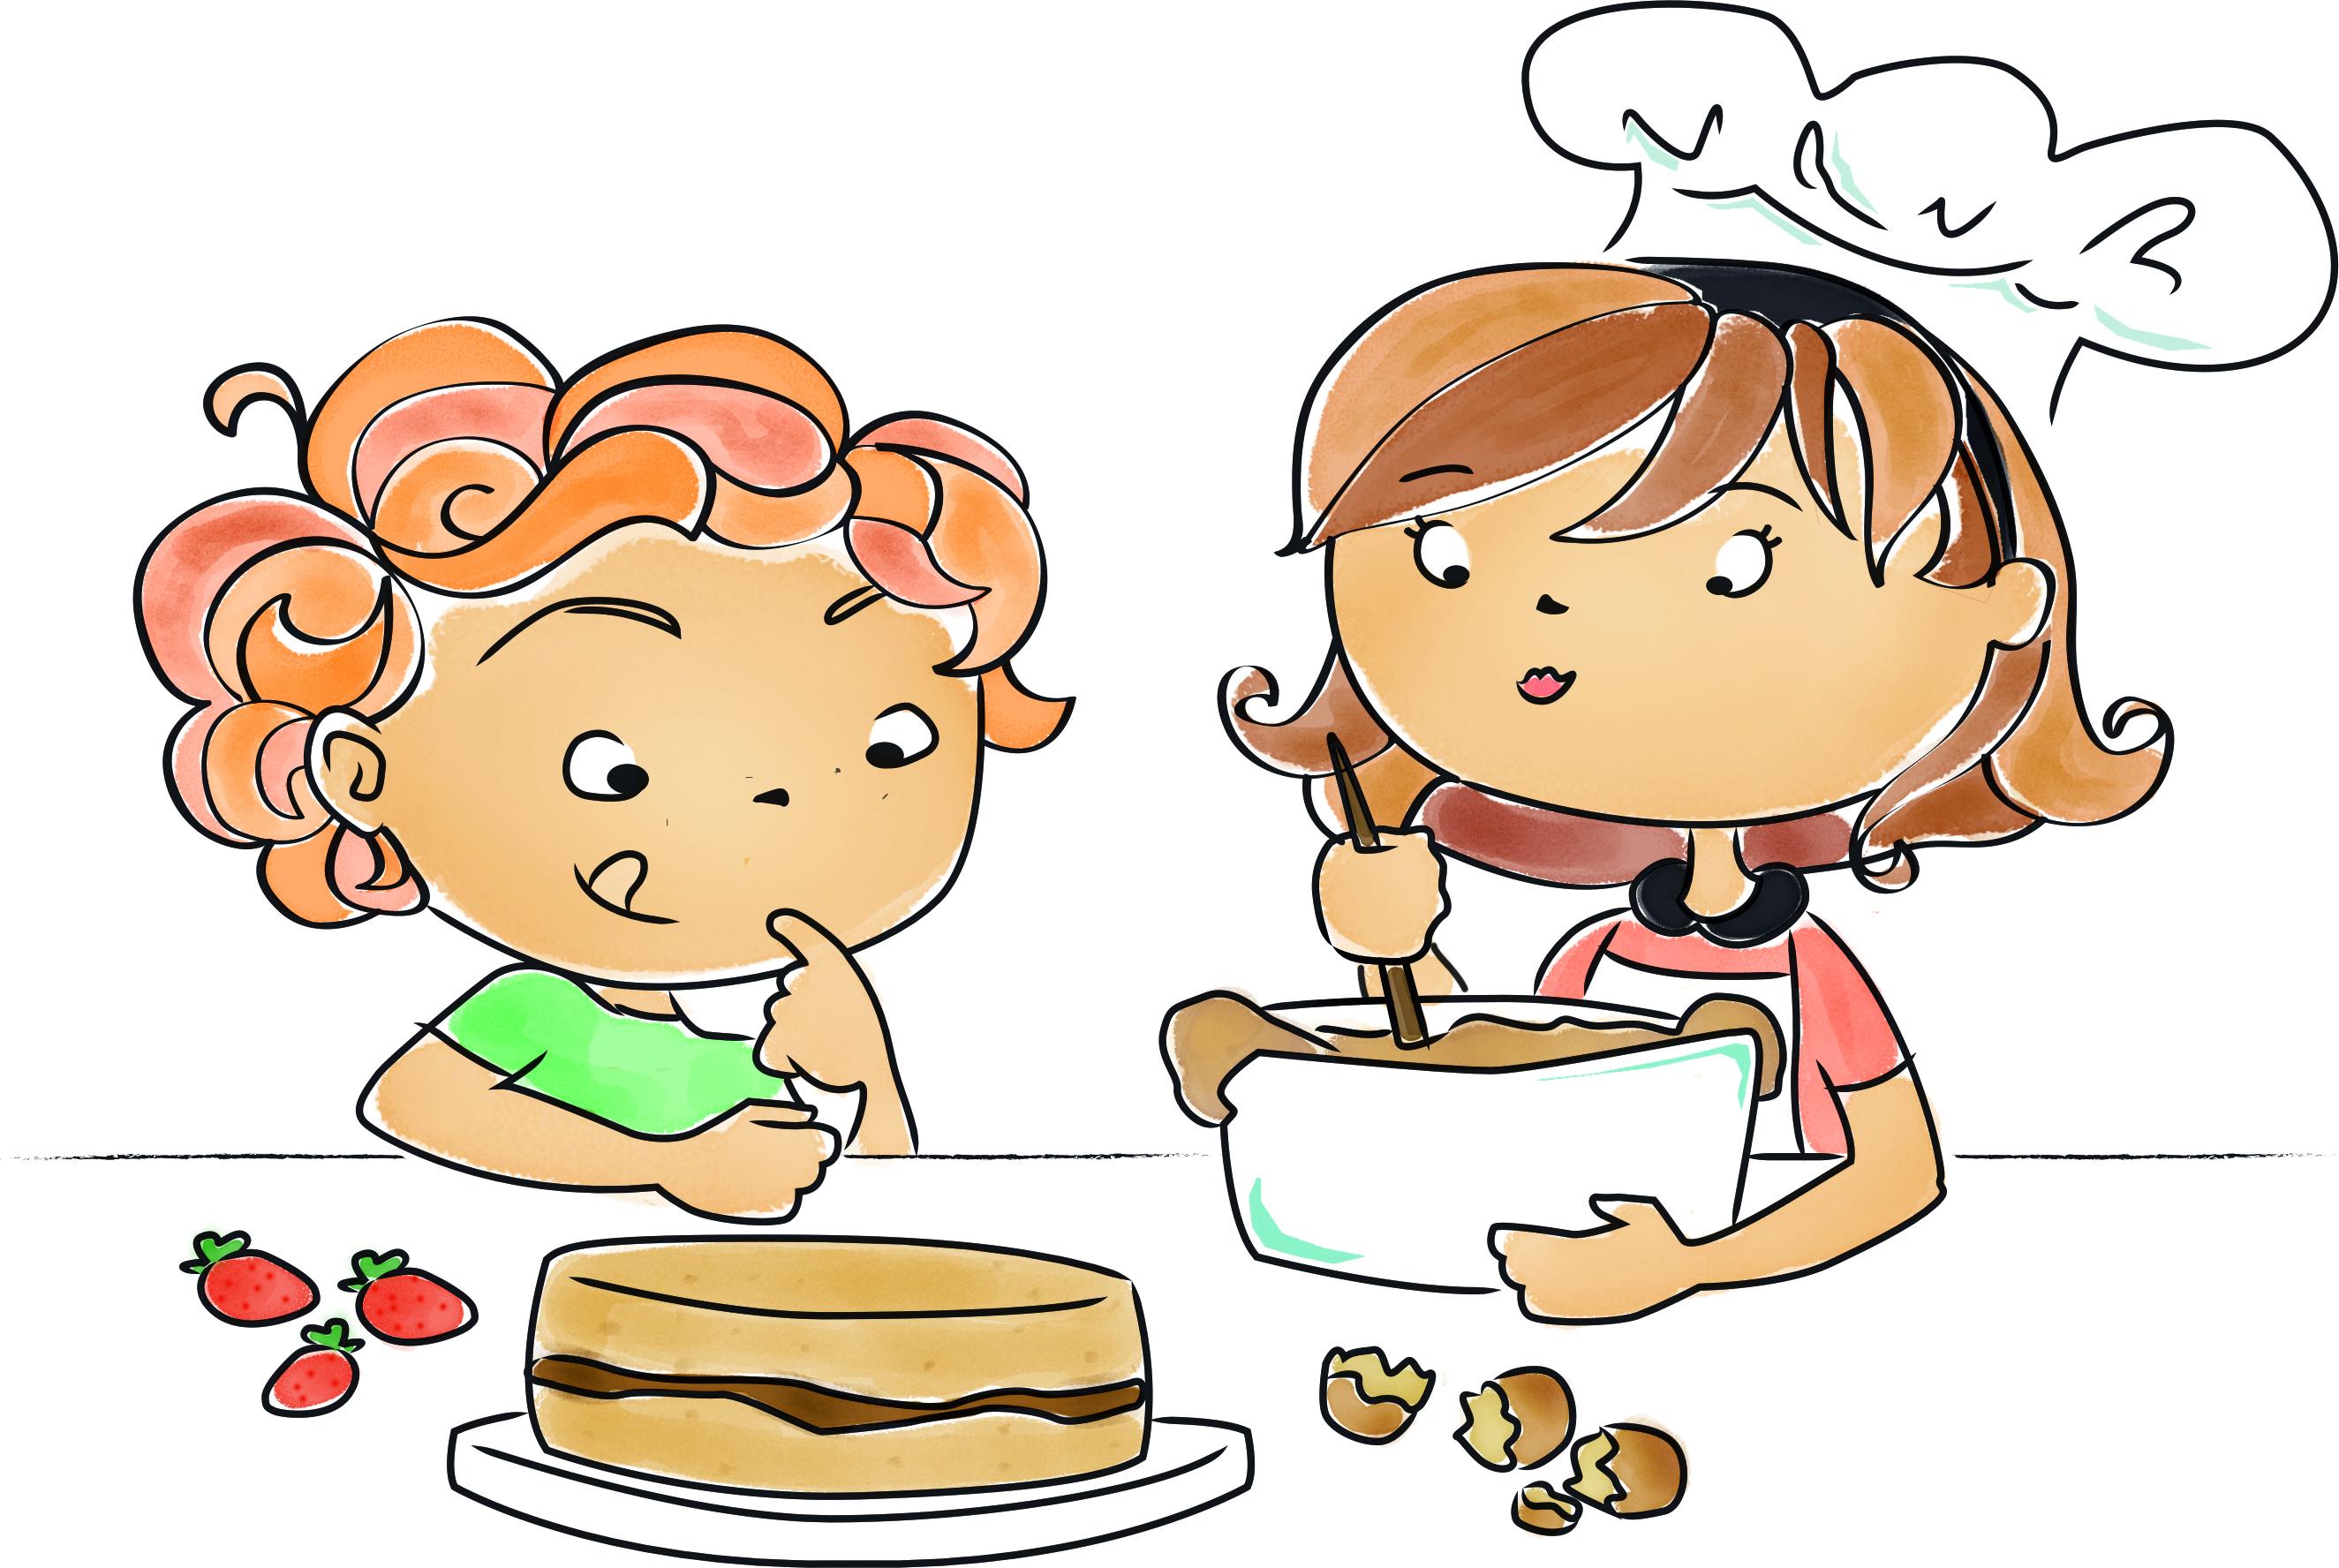 laboratorio di cucina per bambini a novara - aic piemonte - Laboratorio Di Cucina